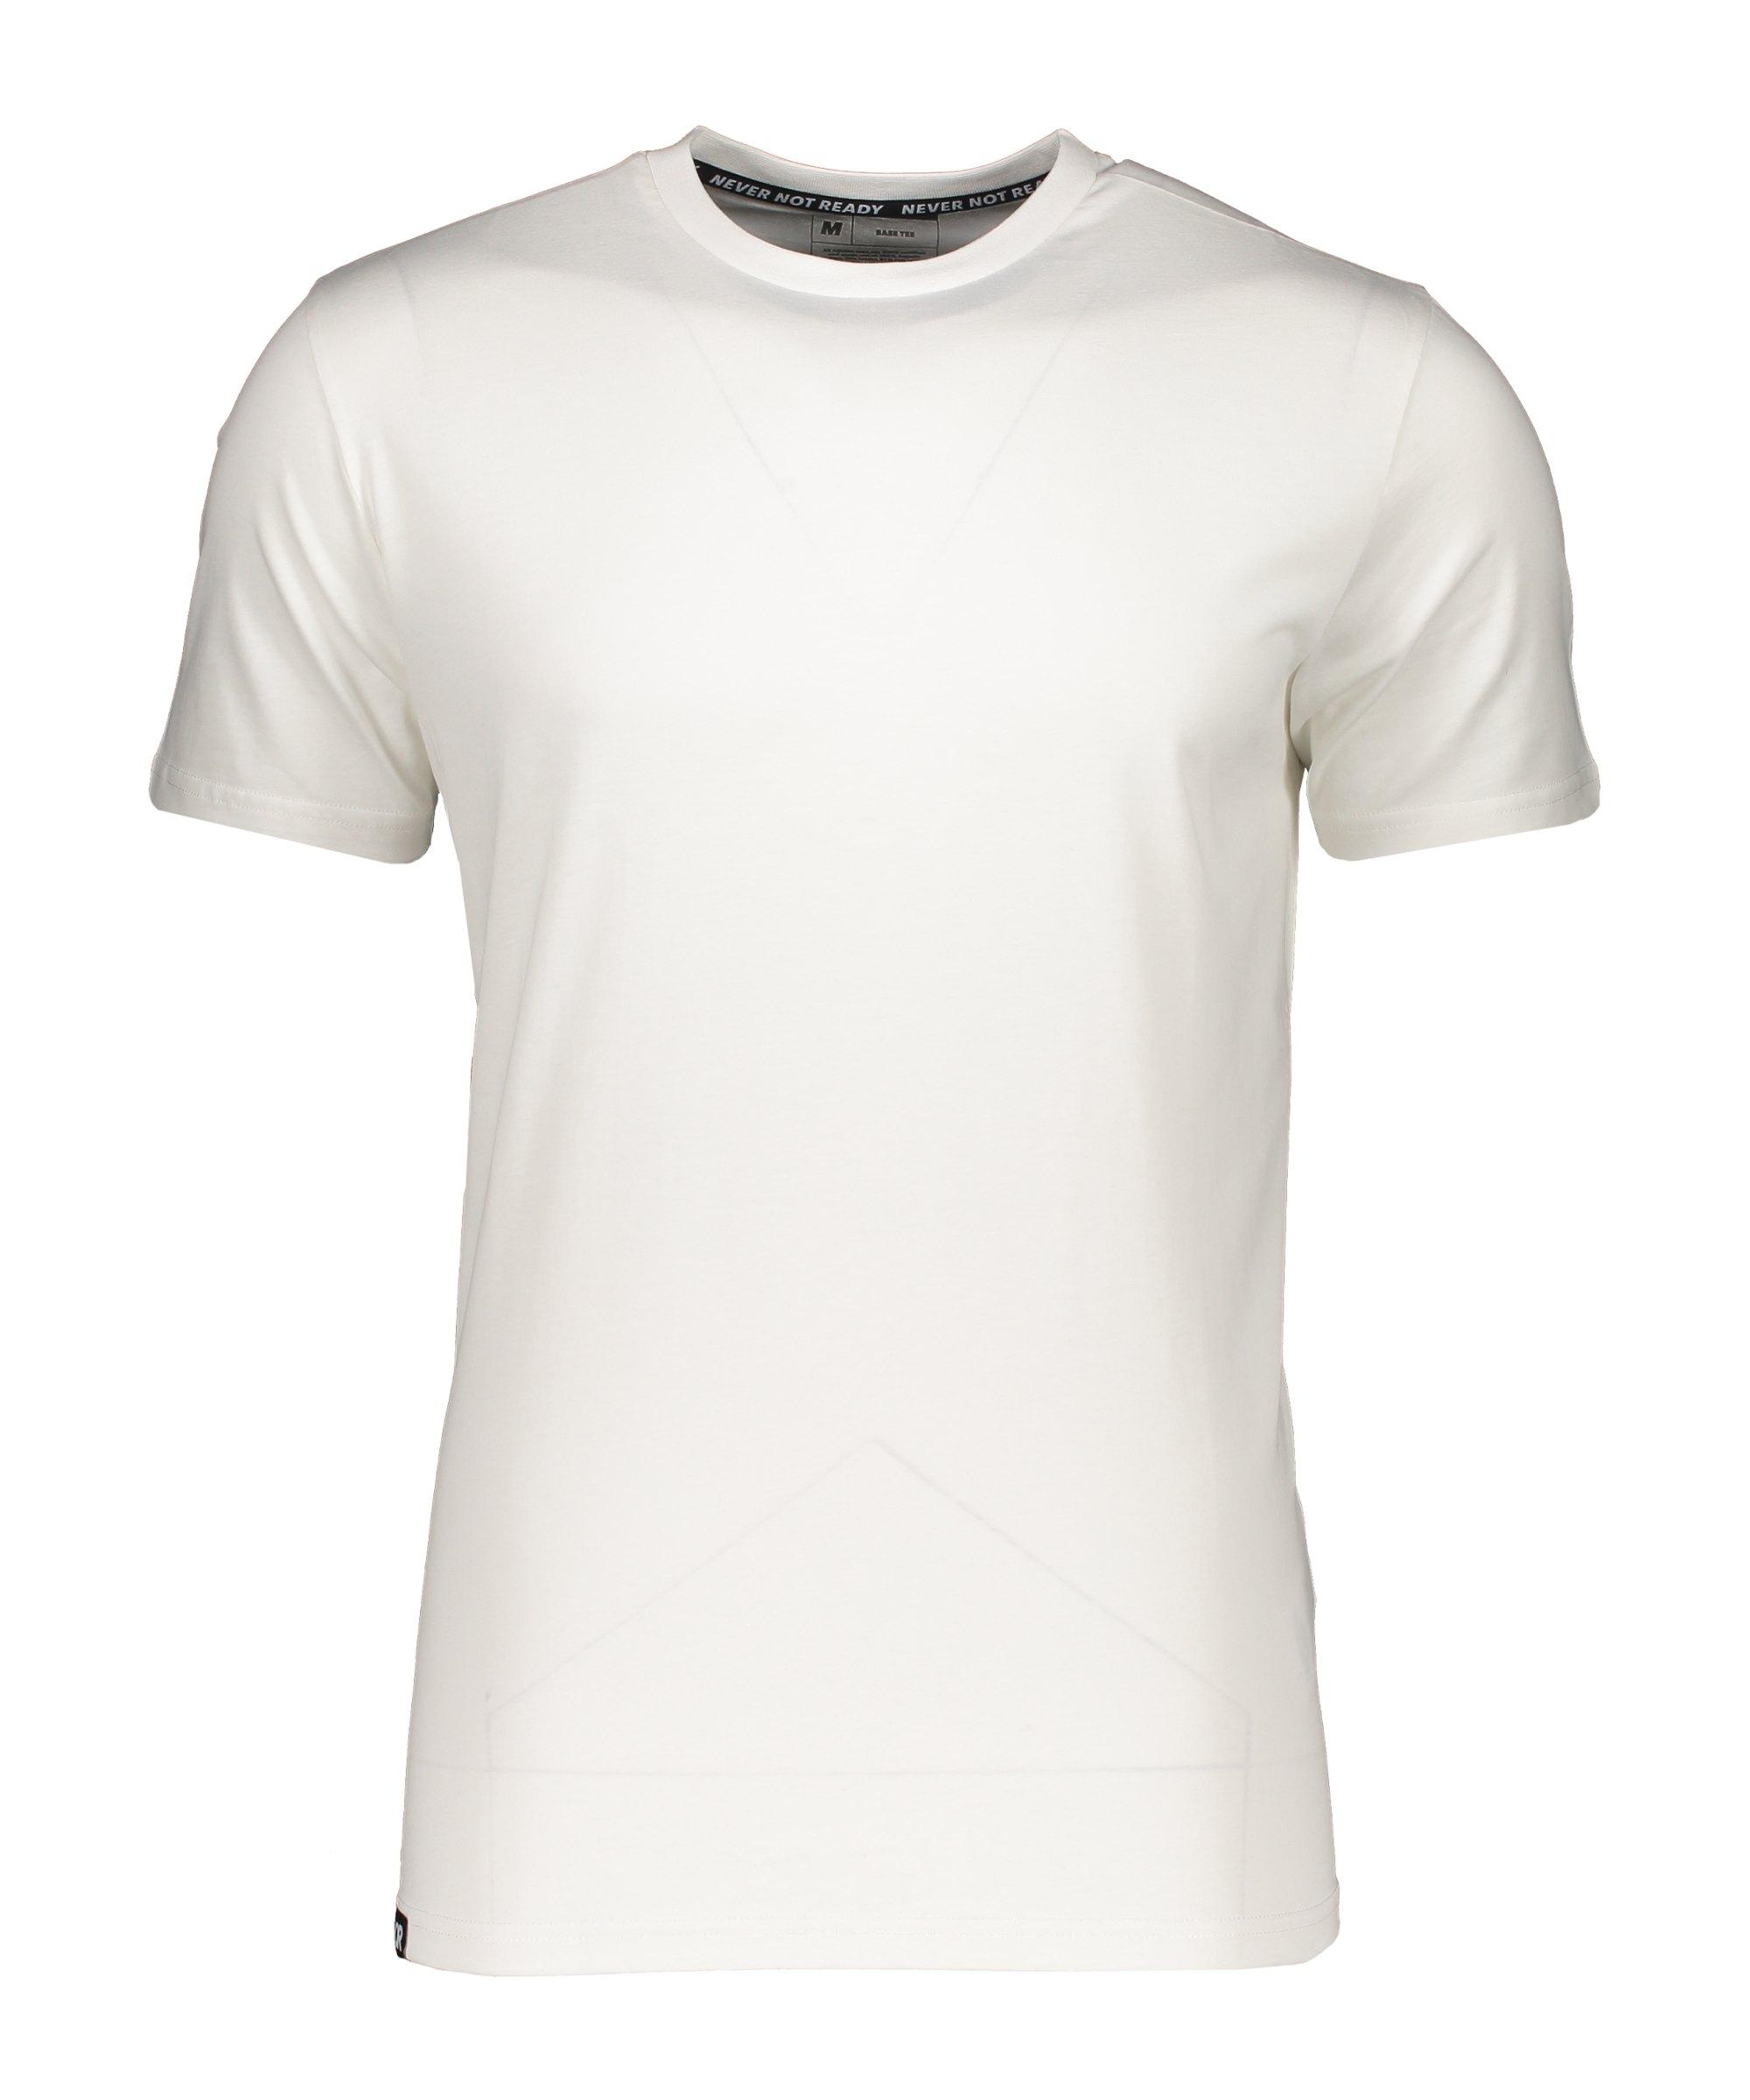 AEVOR Base Tee T-Shirt Weiss F80076 - weiss